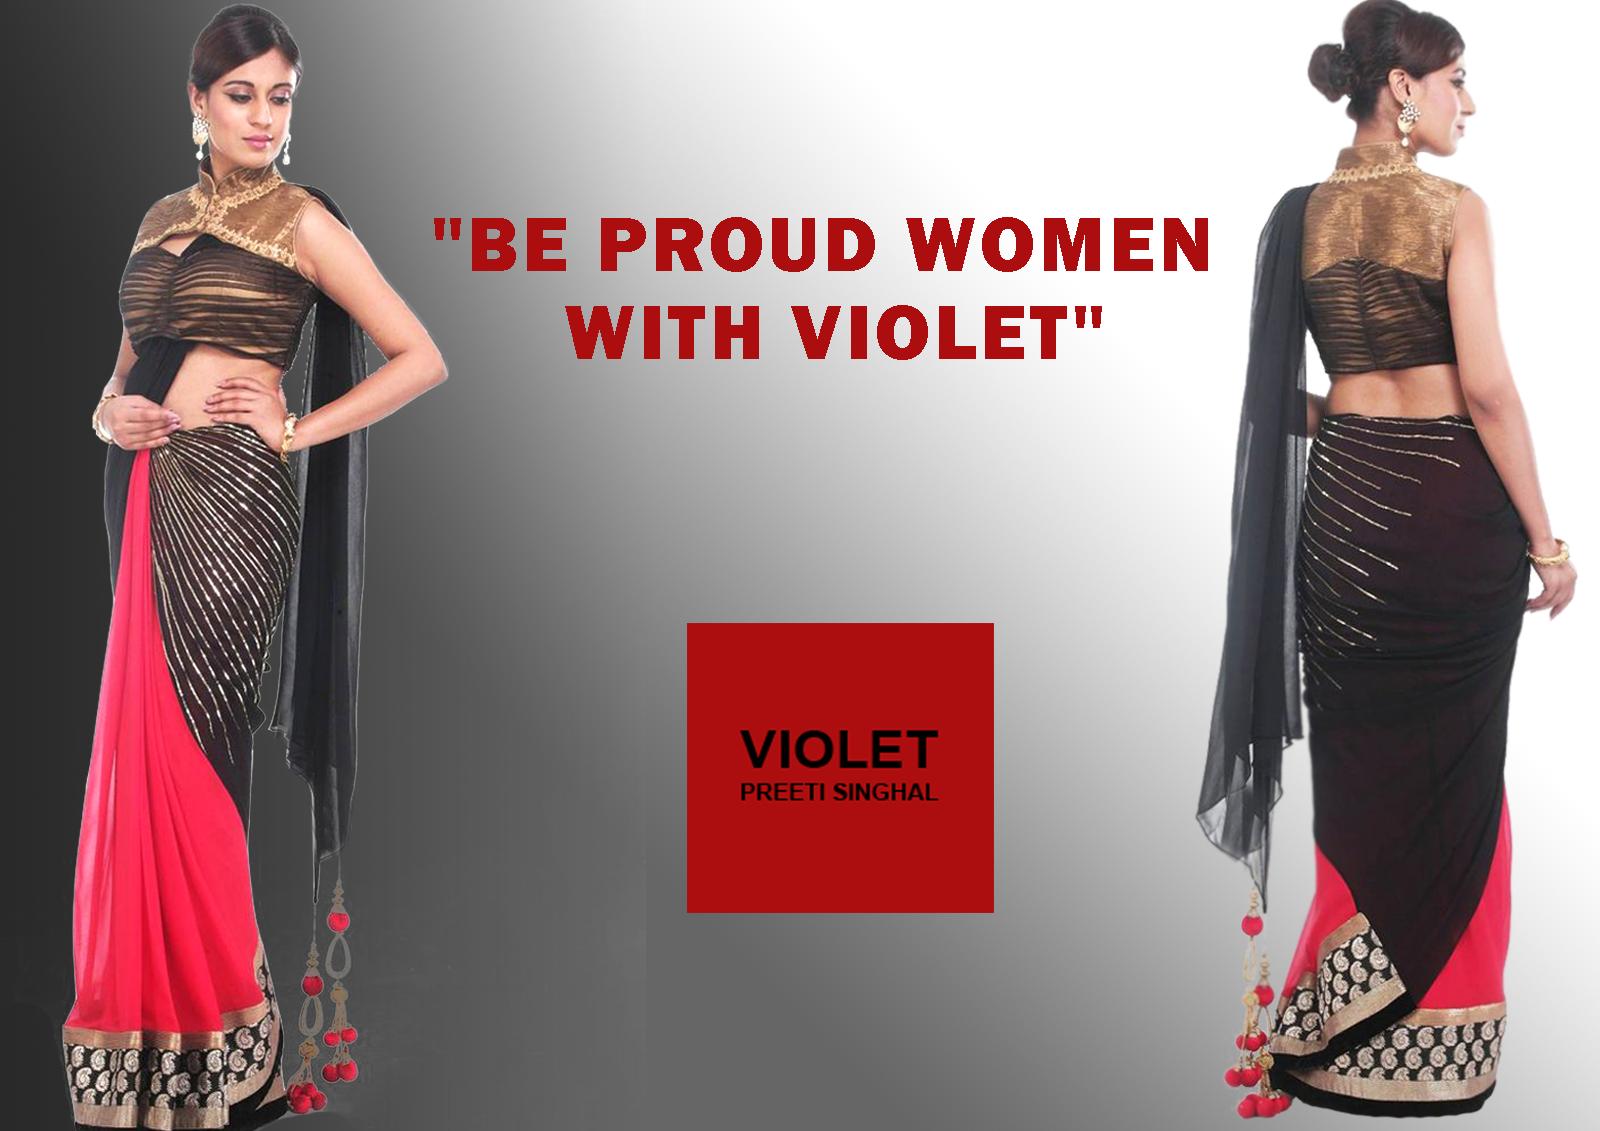 Violet Dress - £75 | Violet dresses, Cocktail dress, Fashion